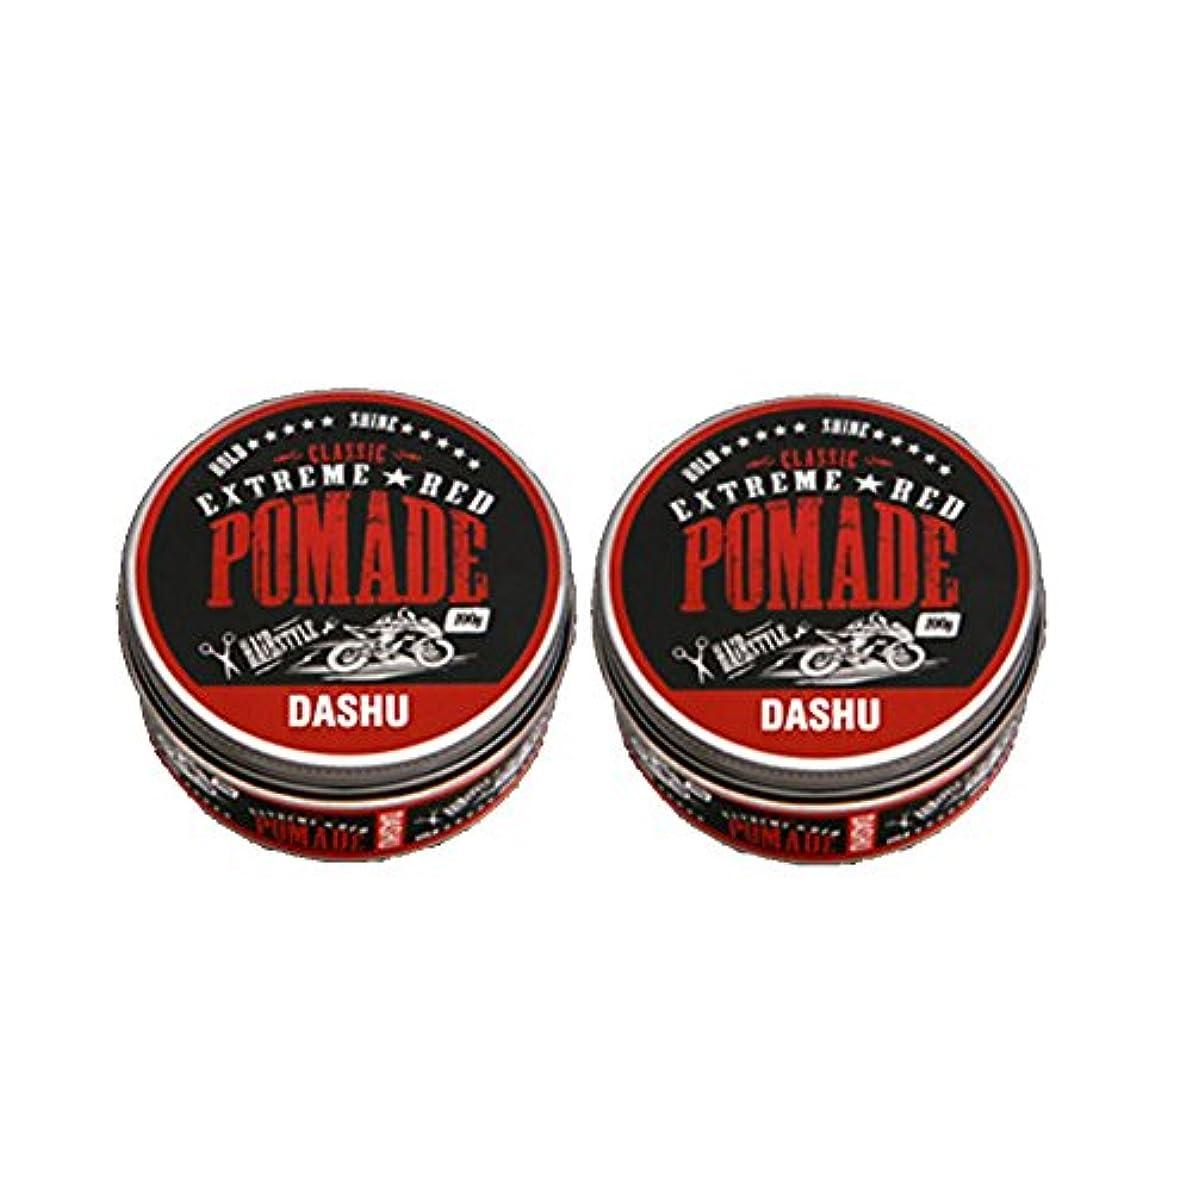 無力ほとんどの場合モディッシュ(2個セット) x [DASHU] ダシュ クラシックエクストリームレッドポマード Classic Extreme Red Pomade Hair Wax 100ml / 韓国製 . 韓国直送品